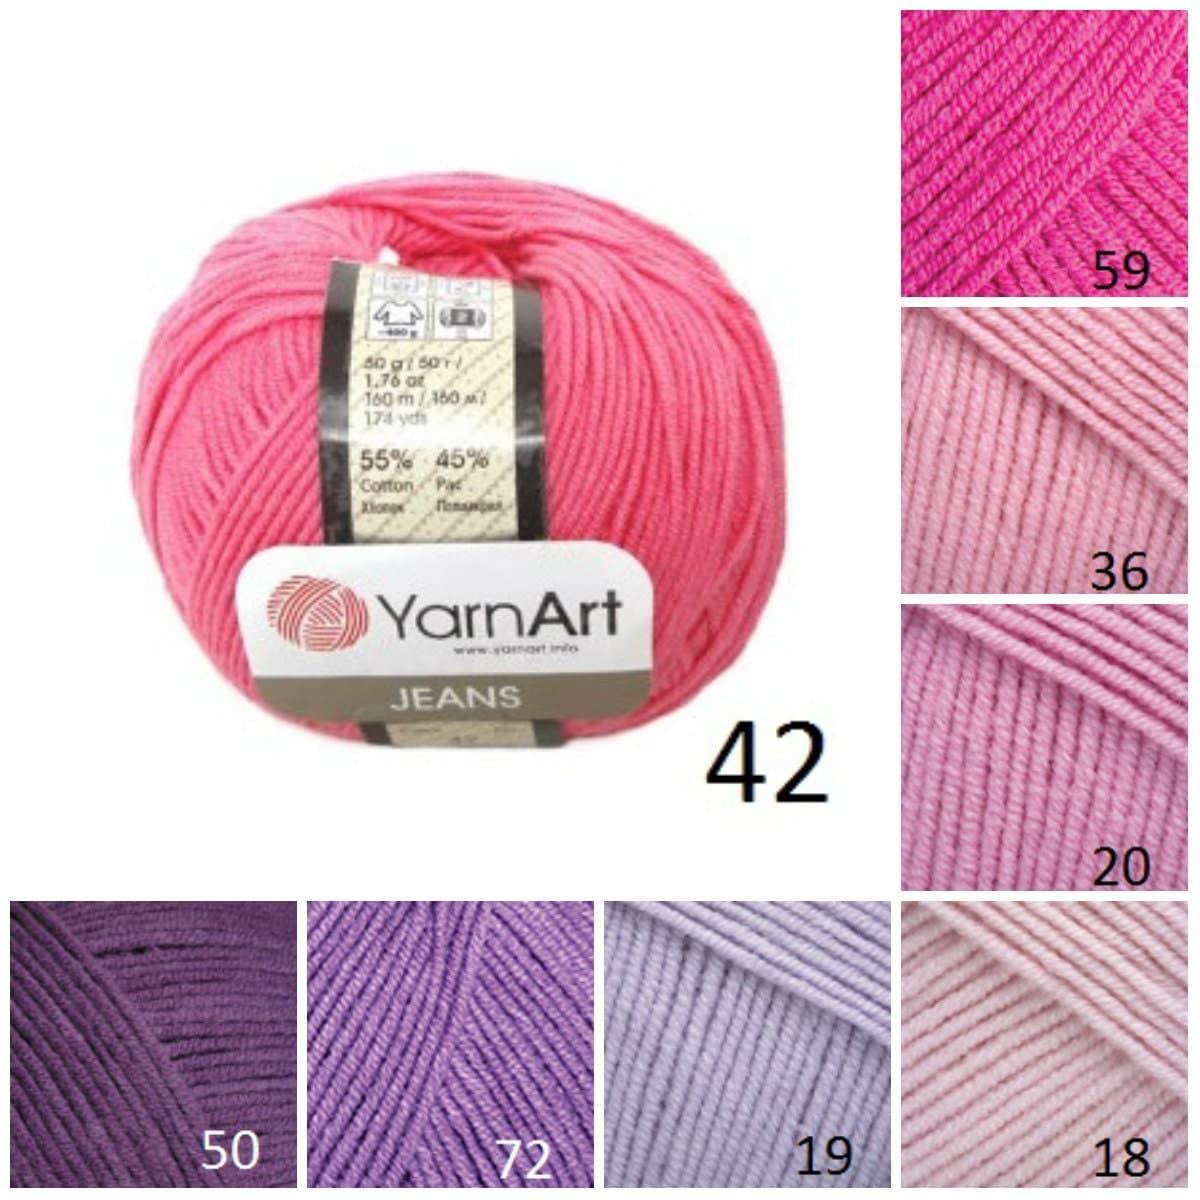 Knitting Pattern Suppliers : YarnArt JEANS, pink purple pattern yarn, cotton yarn, crochet cotton yarn, kn...